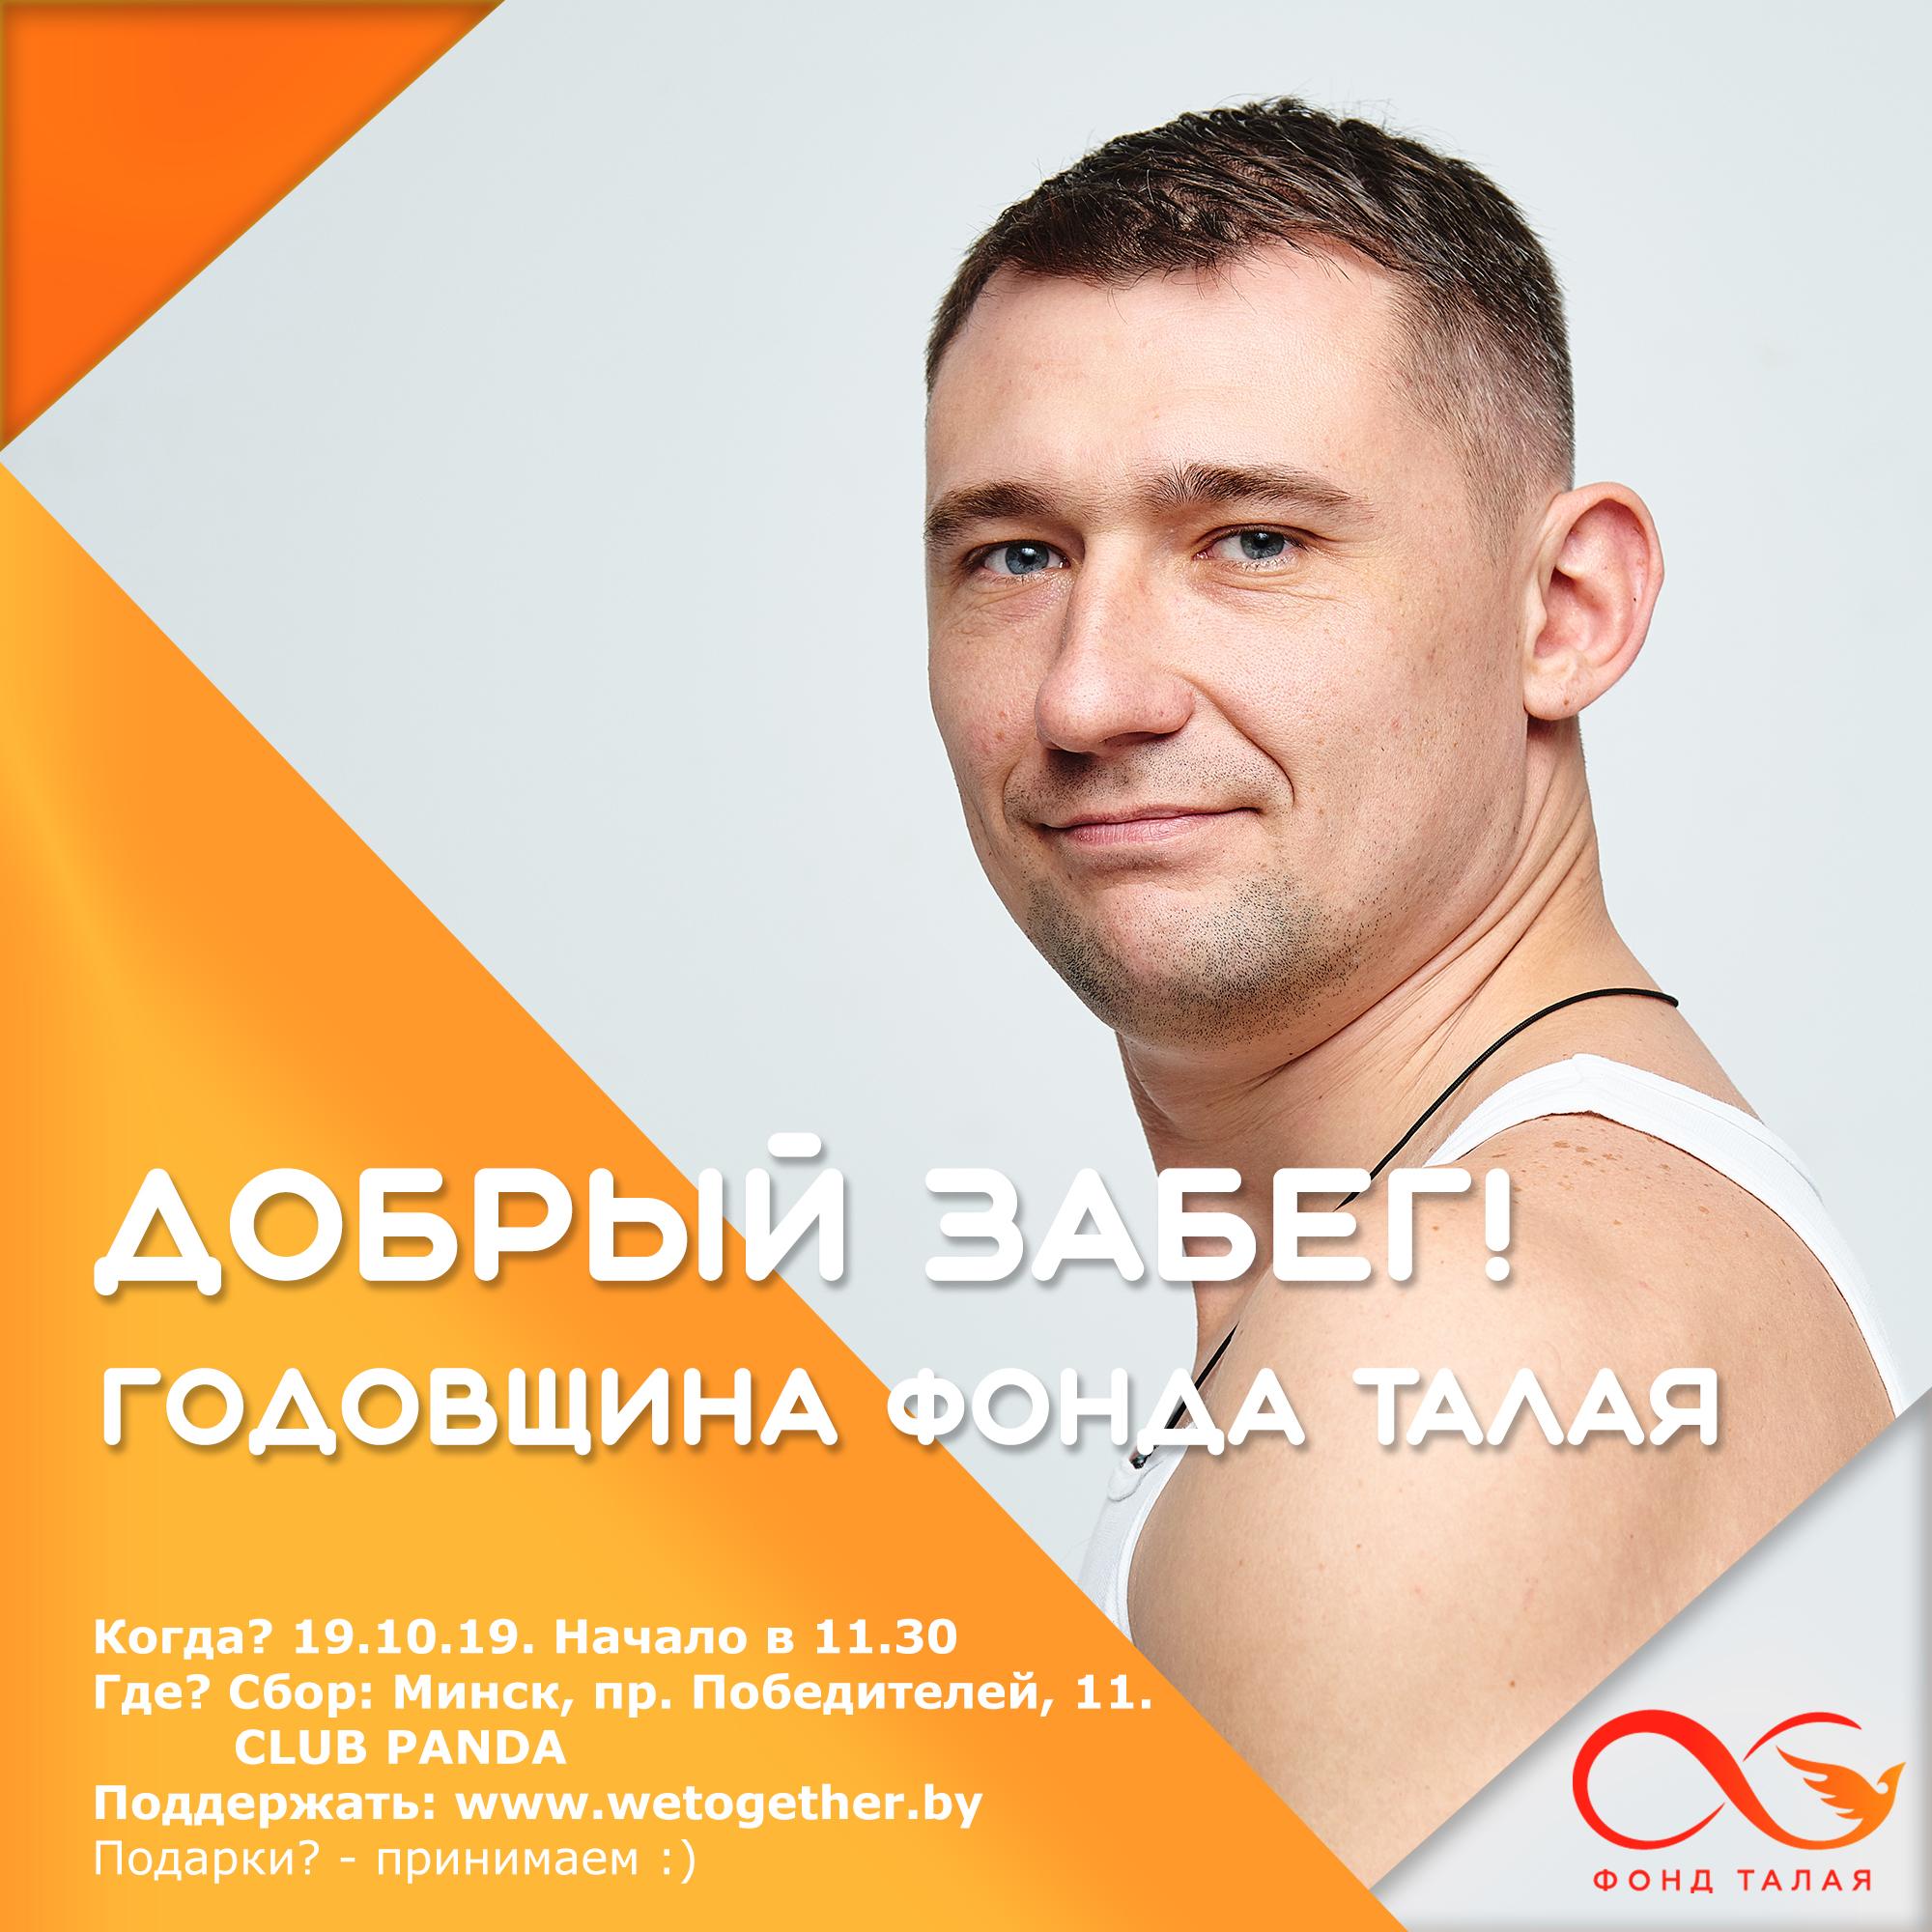 Анонс: Добрый забег в Минске! Годовщина Фонда Талая!